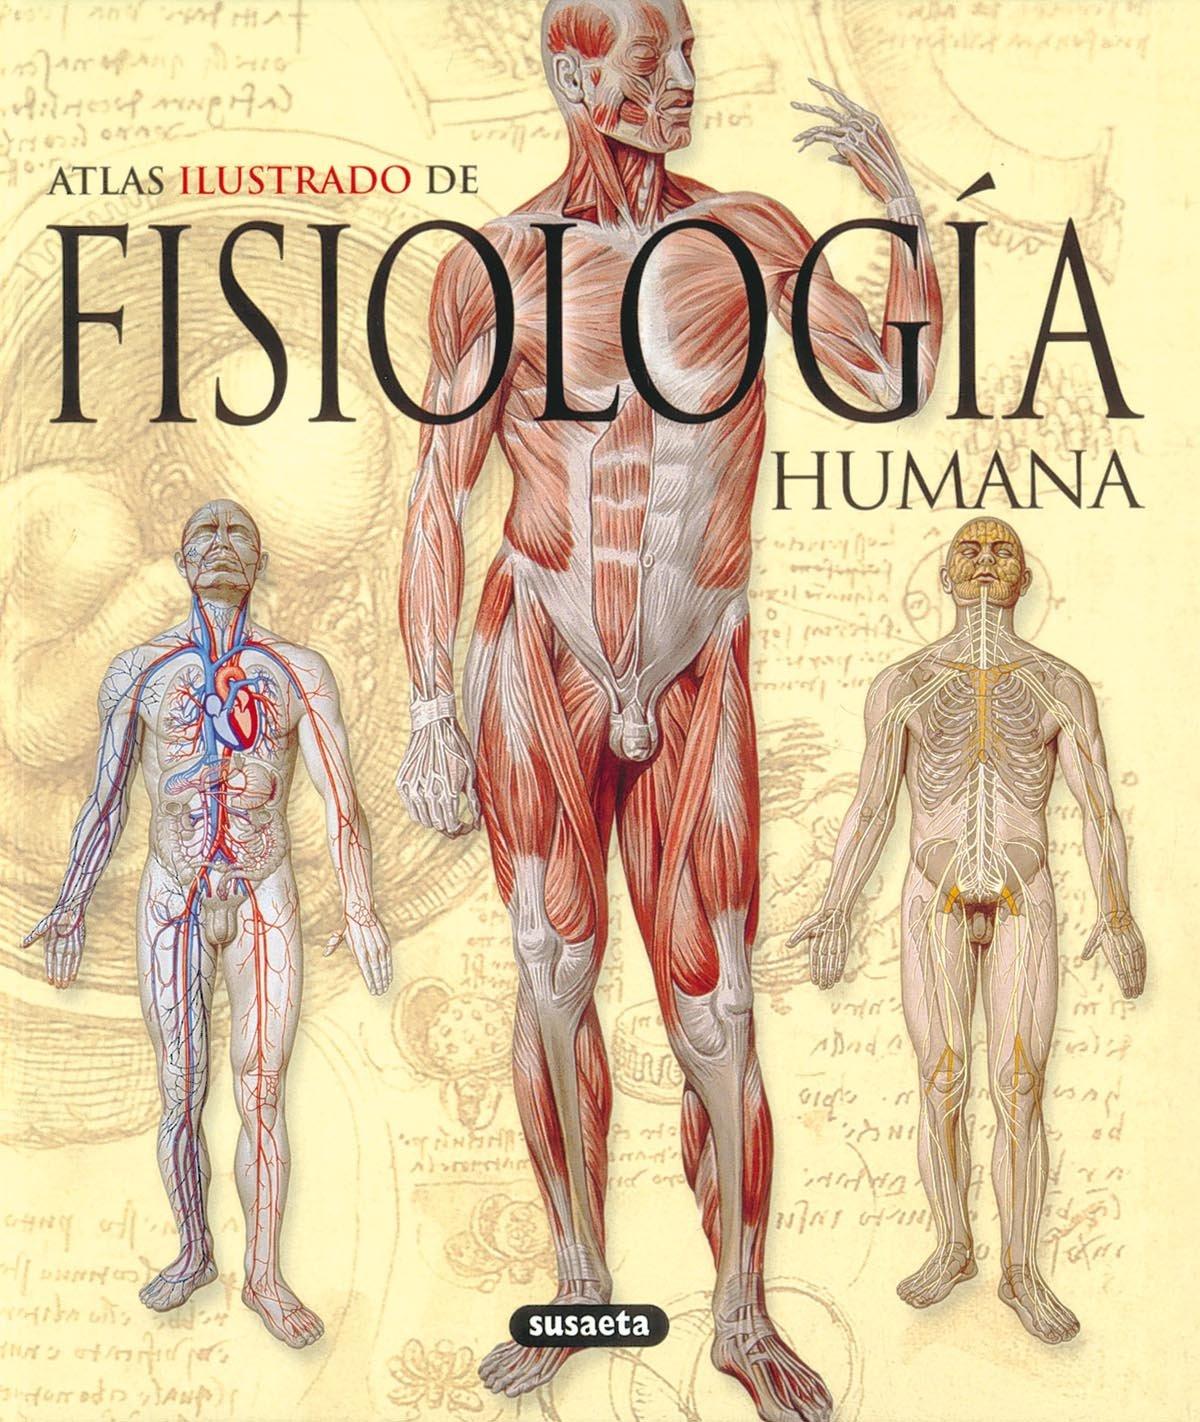 Fisiologia Humana (Atlas Ilustrado): Amazon.es: Susaeta Ediciones ...